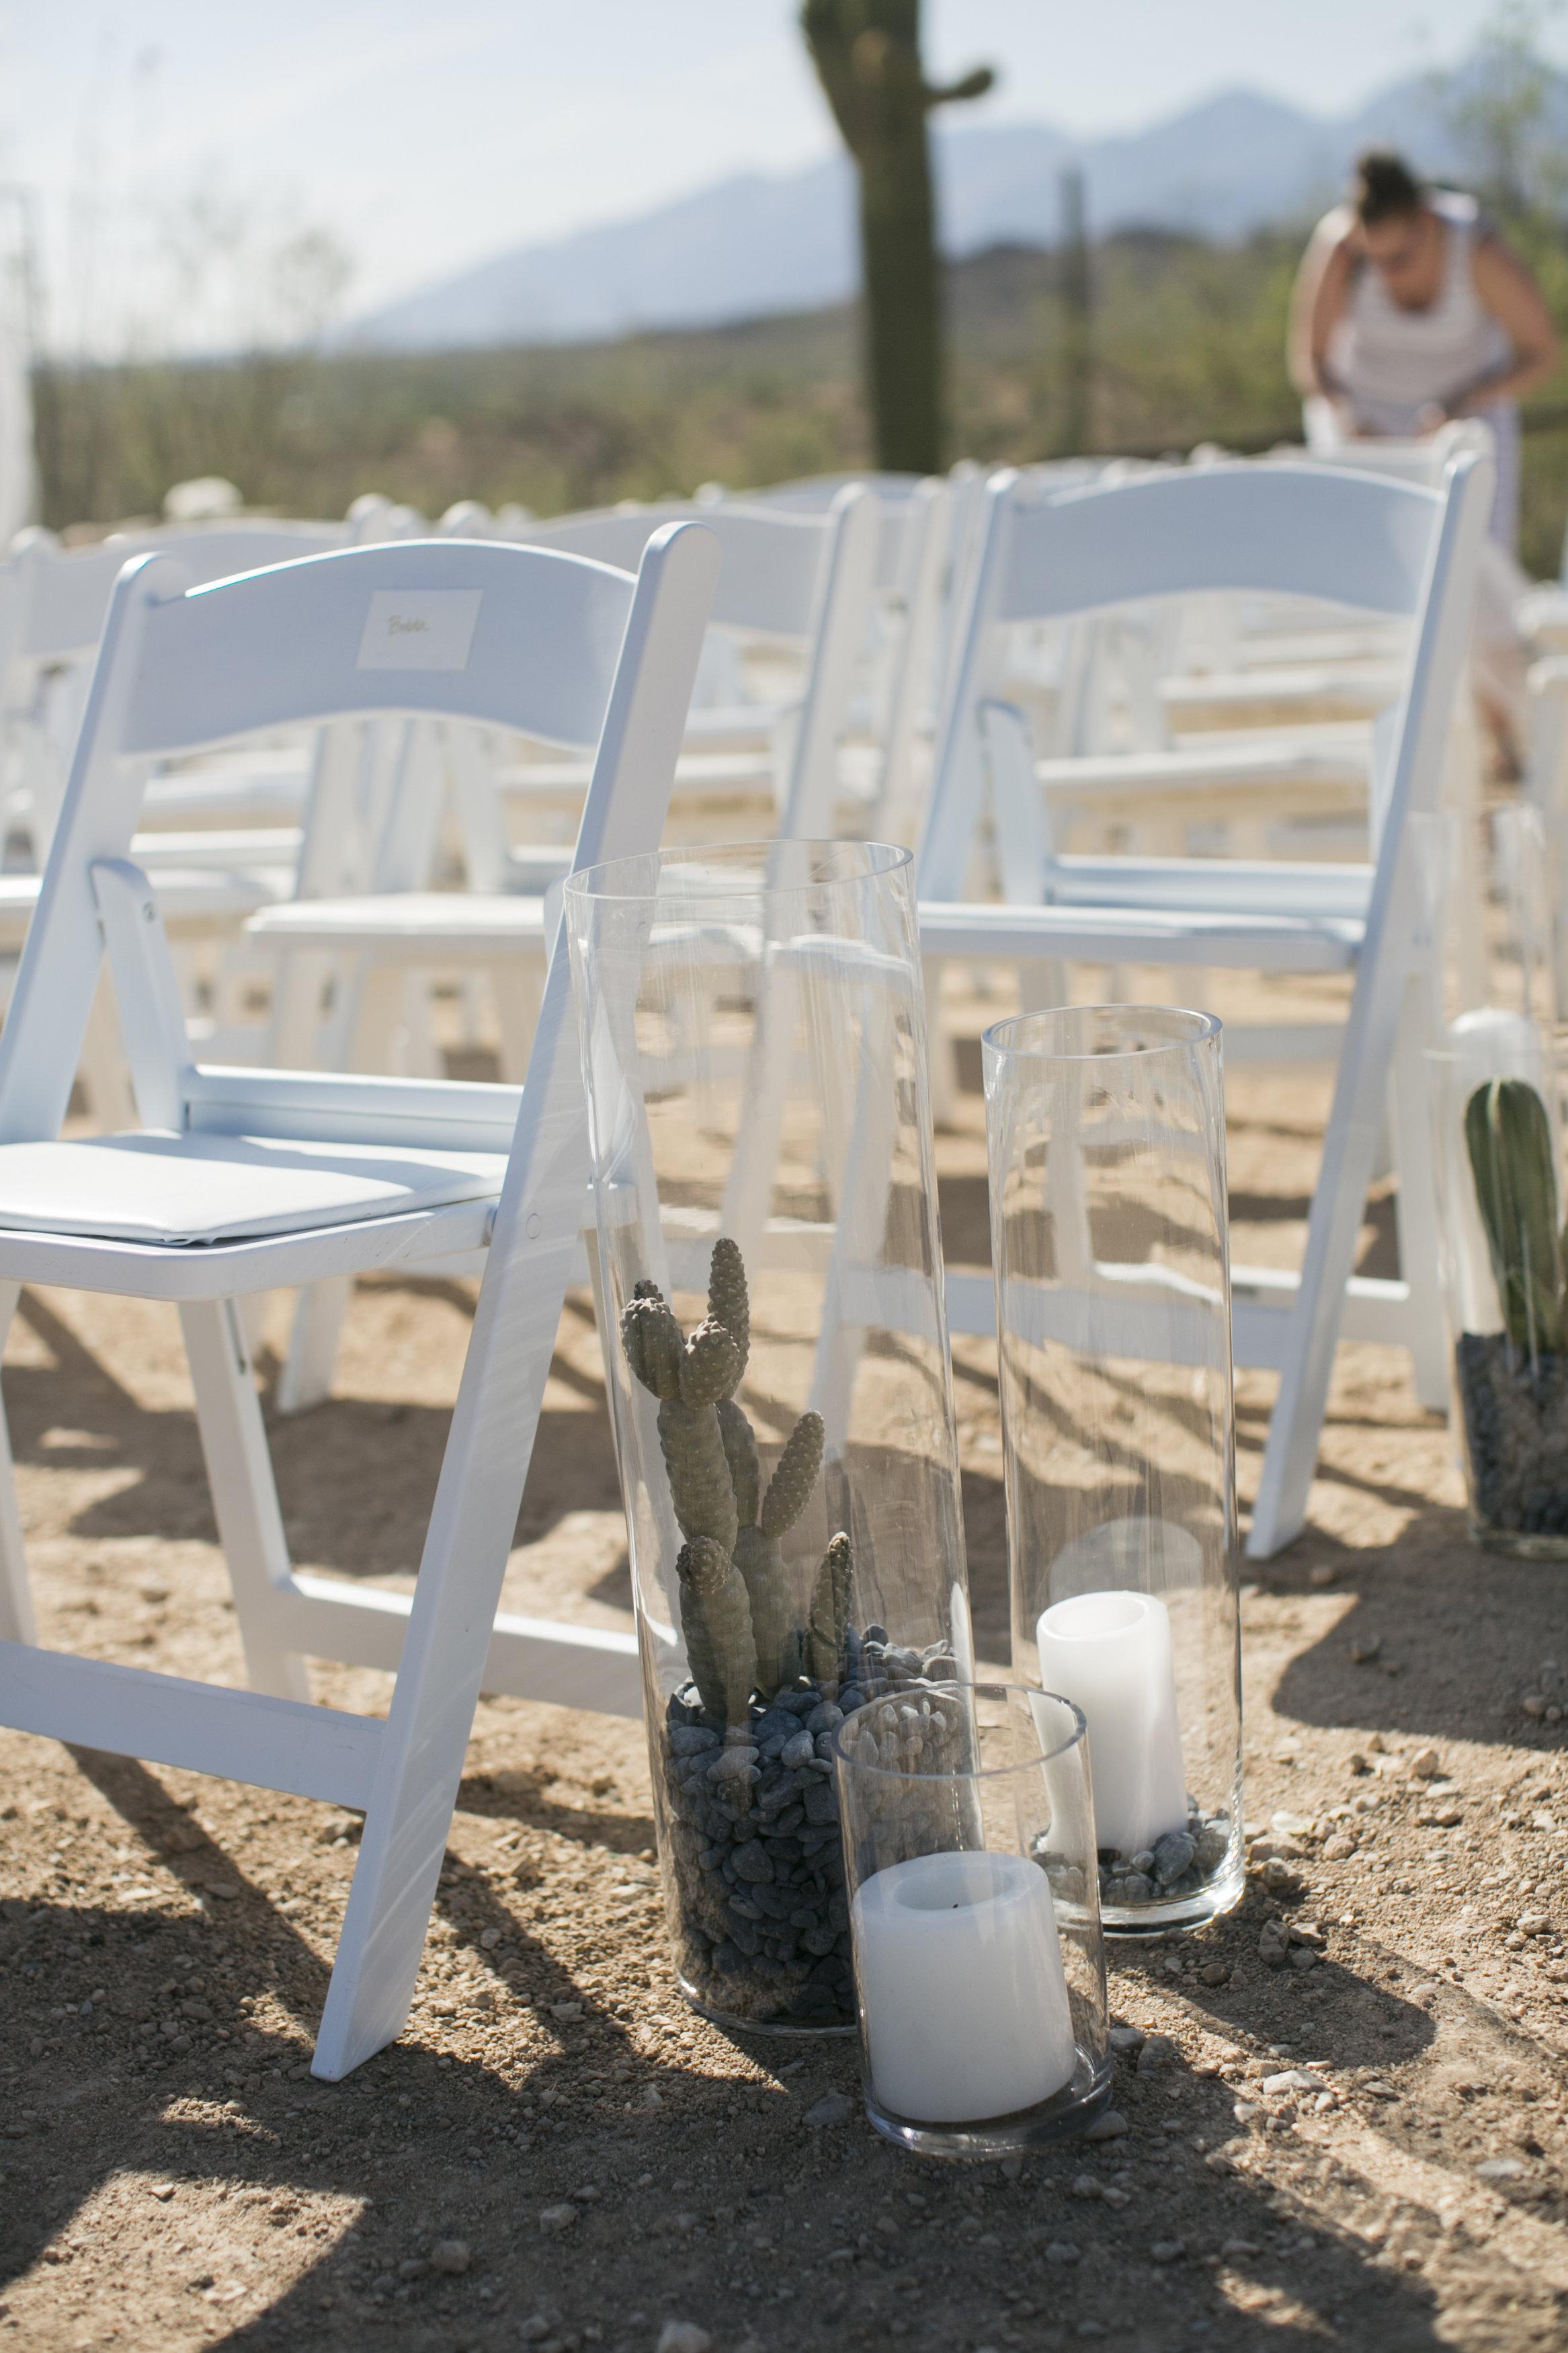 Ceci_New_York_Ceci_Style_Ceci_Johnson_Luxury_Lifestyle_Arizona_Wedding_Watercolor_Inspiration_Design_Custom_Couture_Personalized_Invitations_88.jpg